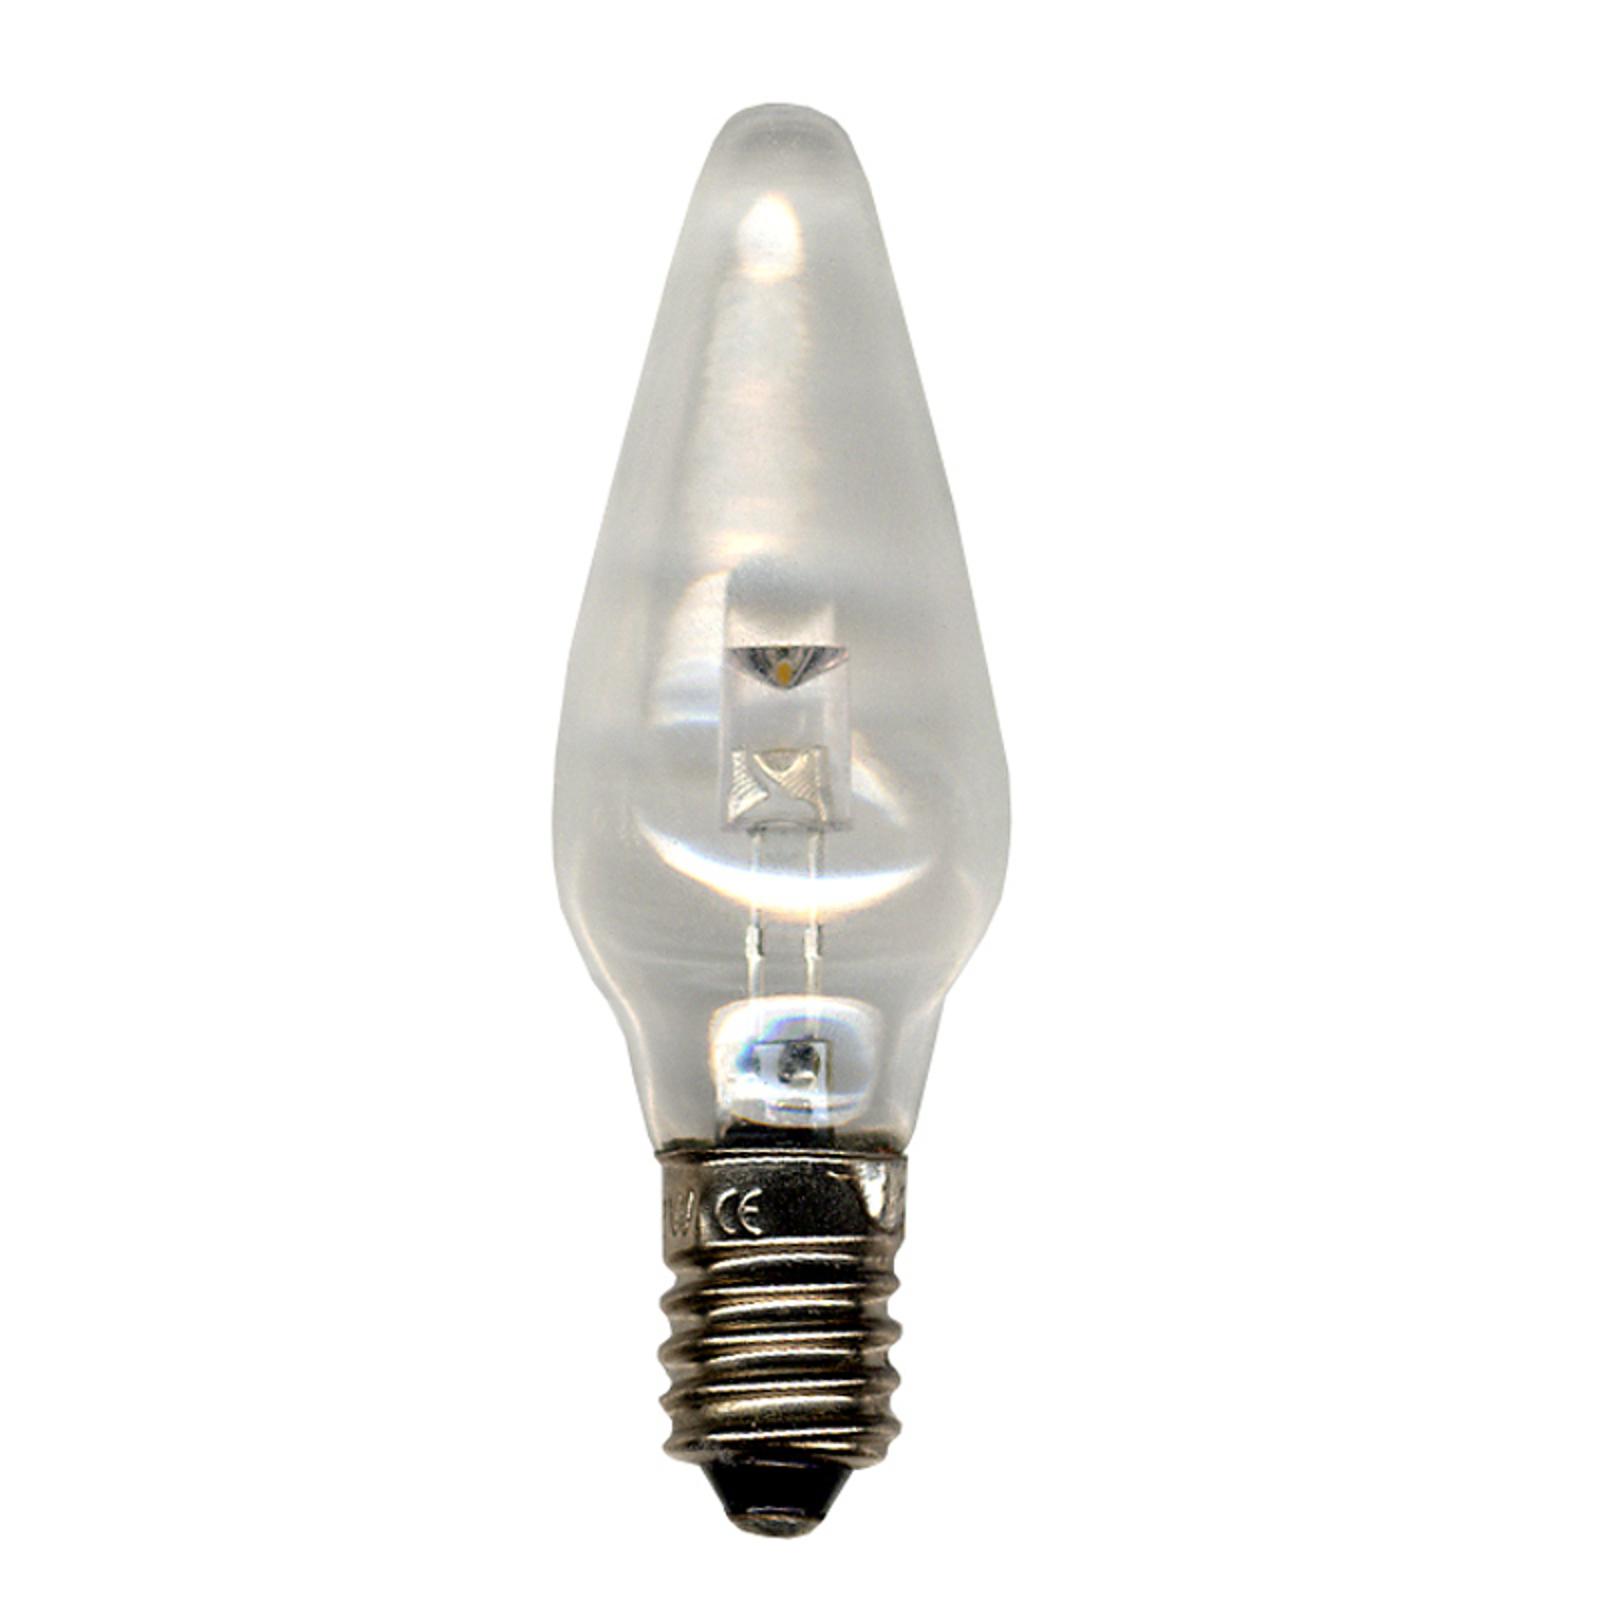 E10 0,2W 12V LED-reservepærer, 3 stk., klar